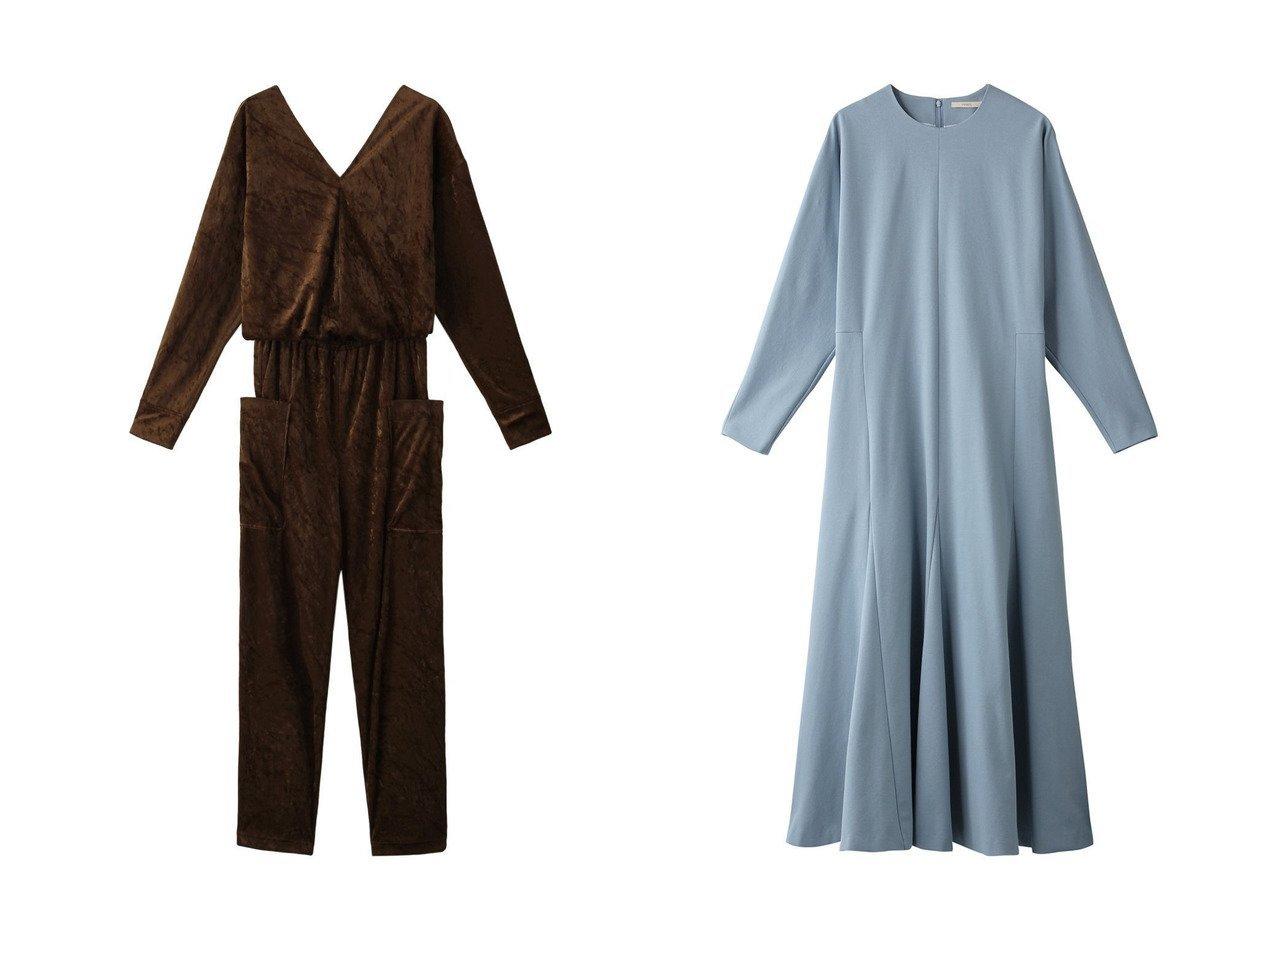 【JET/ジェット】の【JET LOSANGELES】ベロアオールインワン&【LE PHIL/ル フィル】のライトポンチワンピース ワンピース・ドレスのおすすめ!人気、レディースファッションの通販  おすすめで人気のファッション通販商品 インテリア・家具・キッズファッション・メンズファッション・レディースファッション・服の通販 founy(ファニー) https://founy.com/ ファッション Fashion レディース WOMEN ワンピース Dress オールインワン ワンピース All In One Dress ベロア ポケット ショルダー スリーブ フレア ロング |ID:crp329100000000615